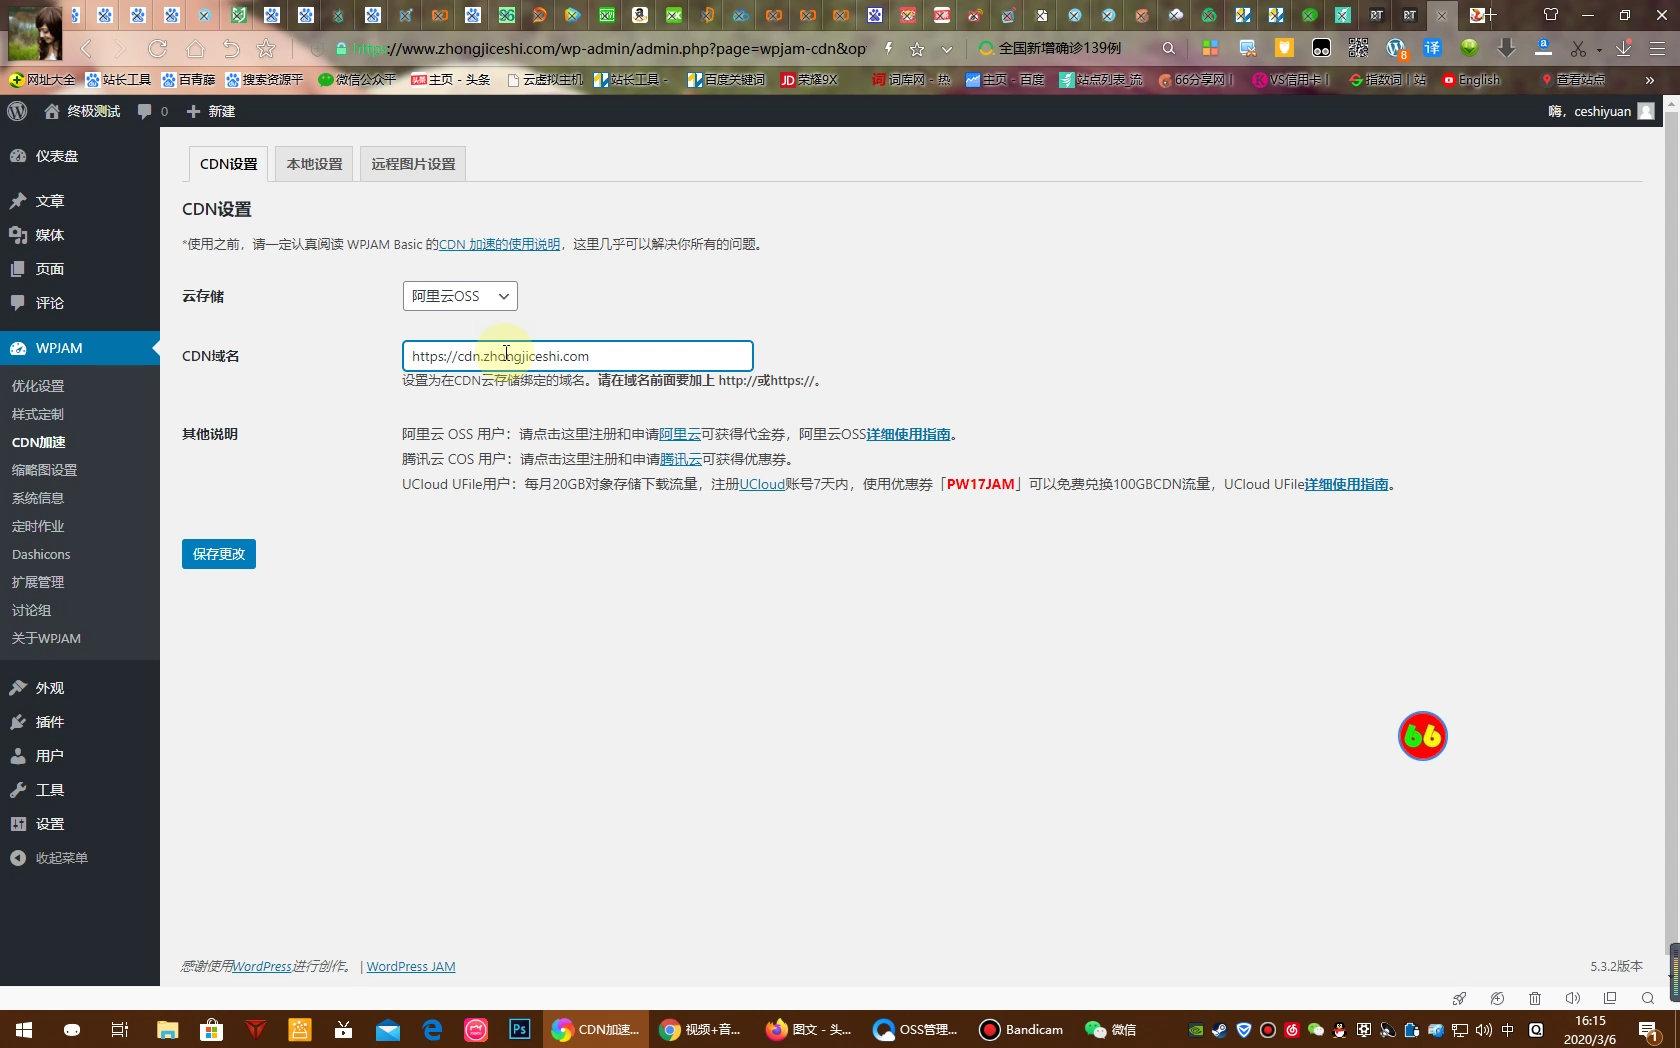 建站教程丨使用阿里云OSS与云数据库MySQL对WordPress进行优化